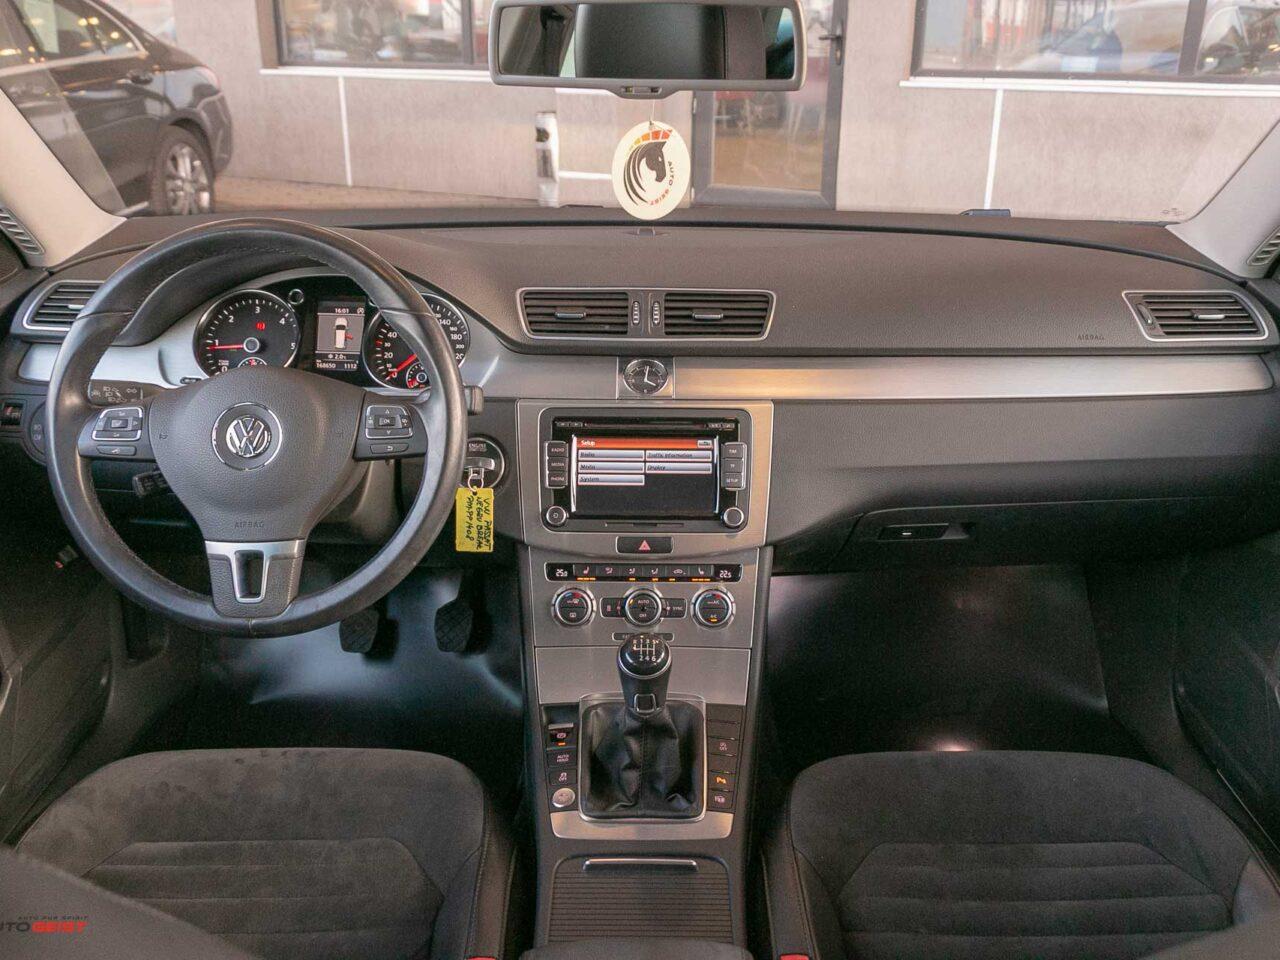 VW-PASSAT-B7-webasto-piele-negru-3704